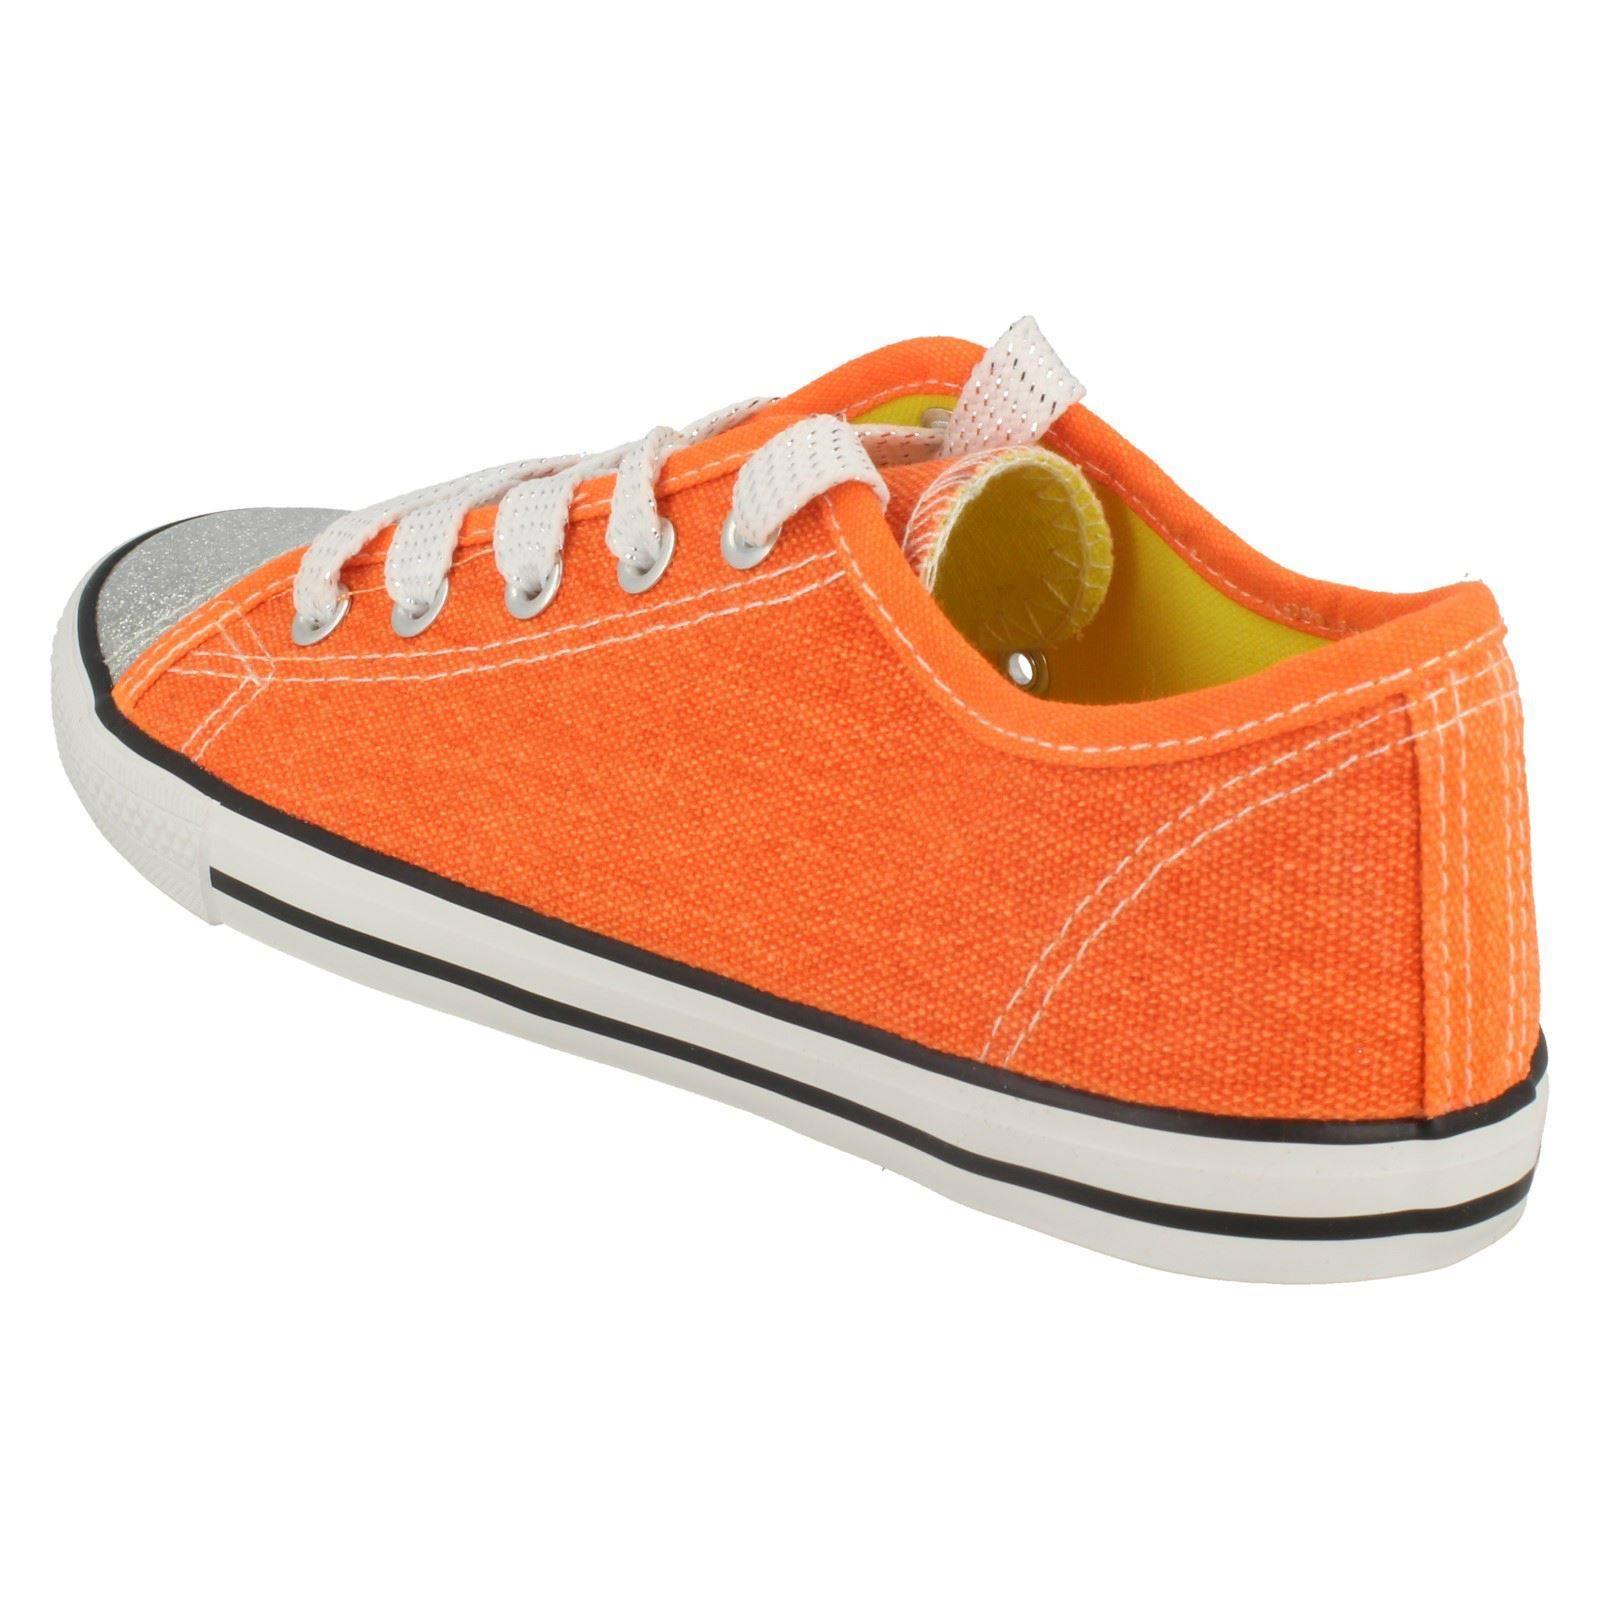 Niñas Punto Sobre Lienzo Zapatos De Salón Con Diseño De Brillo